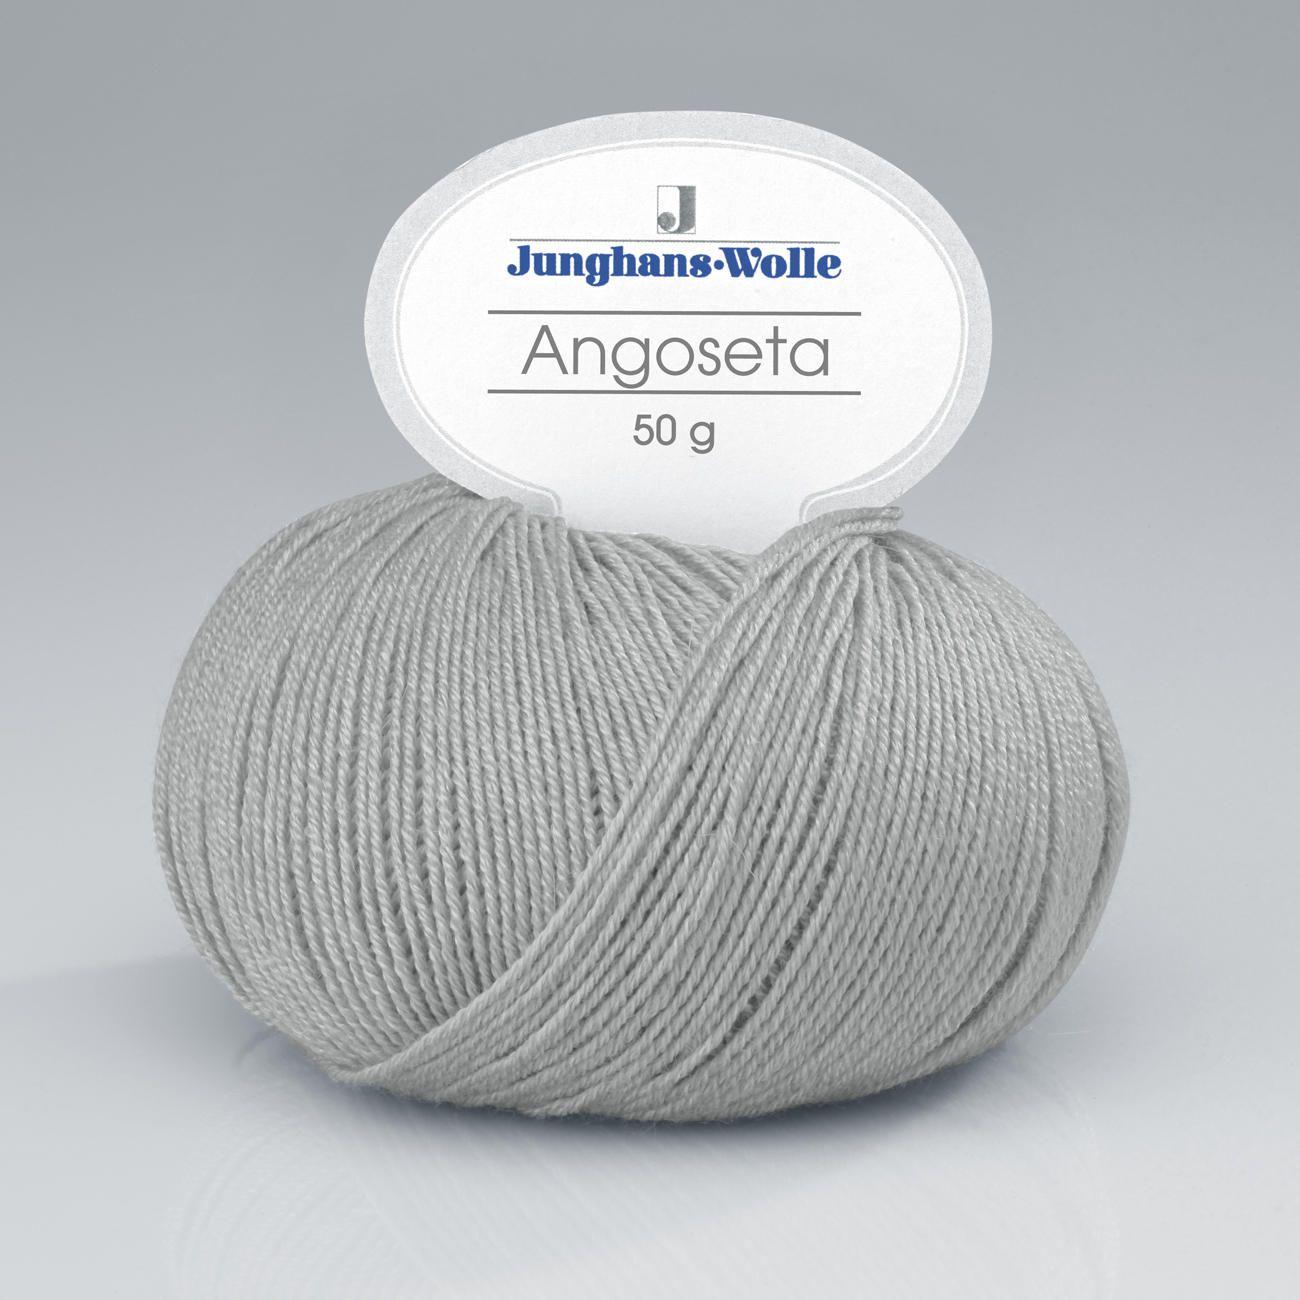 Angoseta Von Junghans Wolle Junghans Wolle Garne Nach Marken